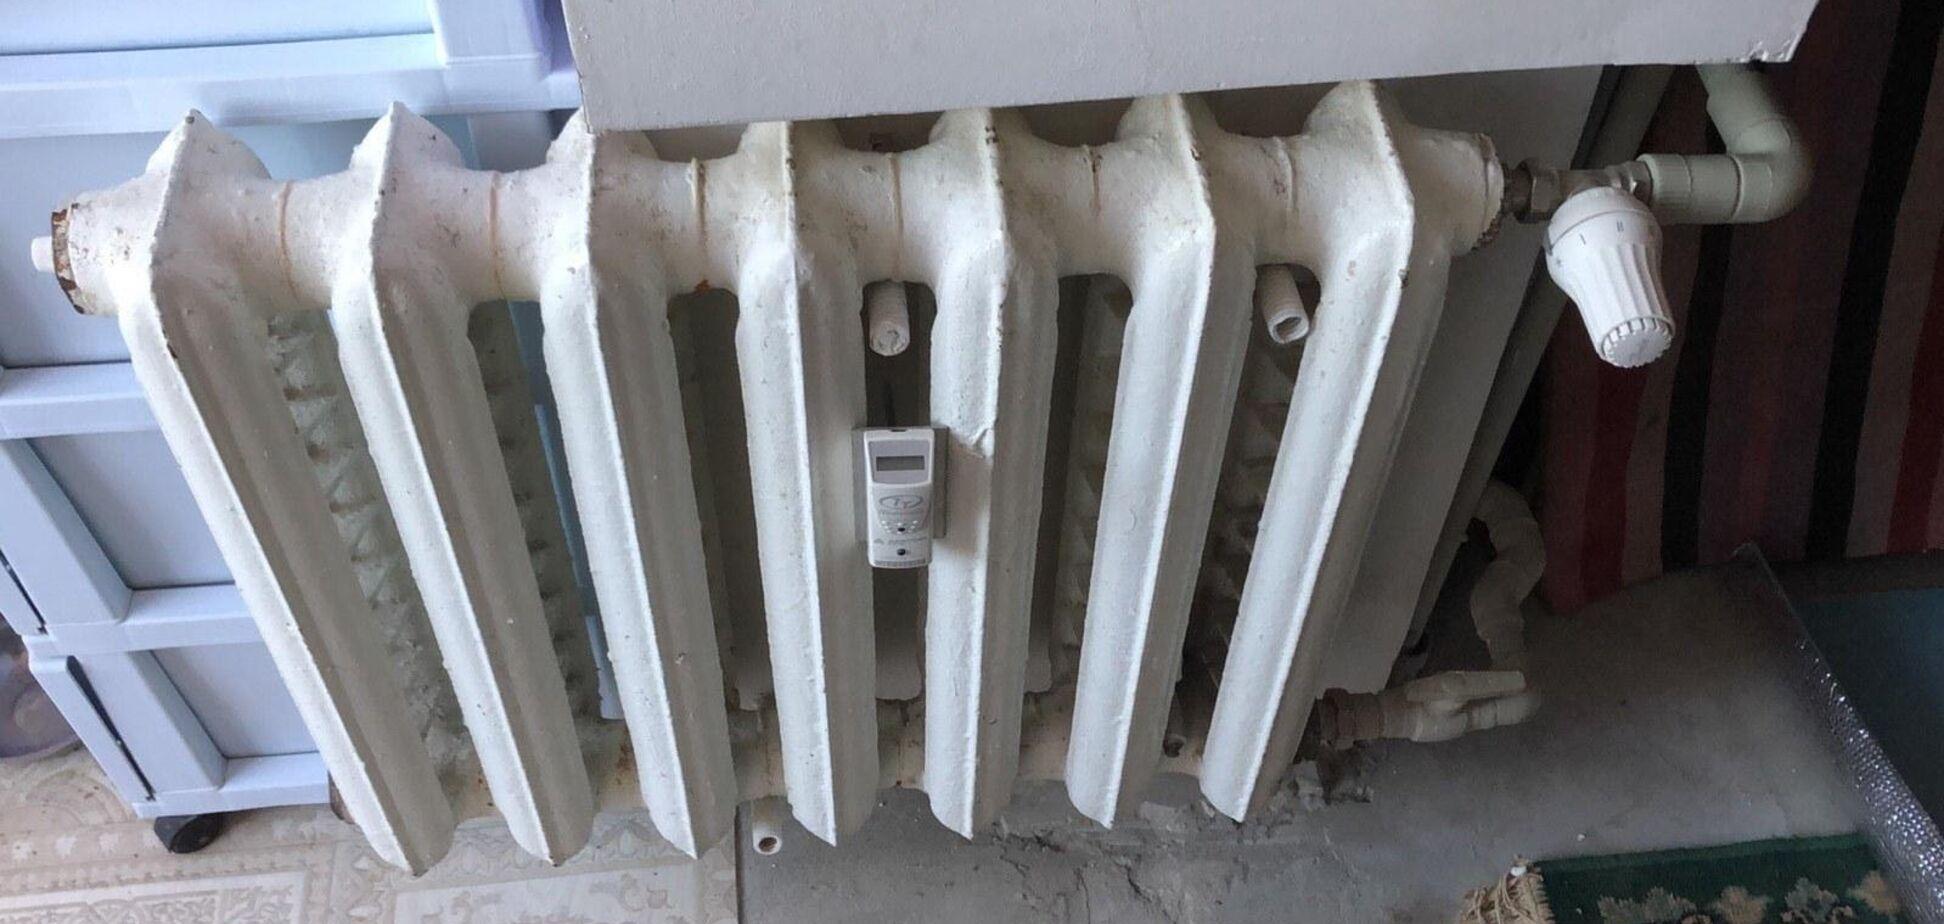 Херсонське ОСББ впровадило поквартирний облік тепла в будинку 1975 року забудови